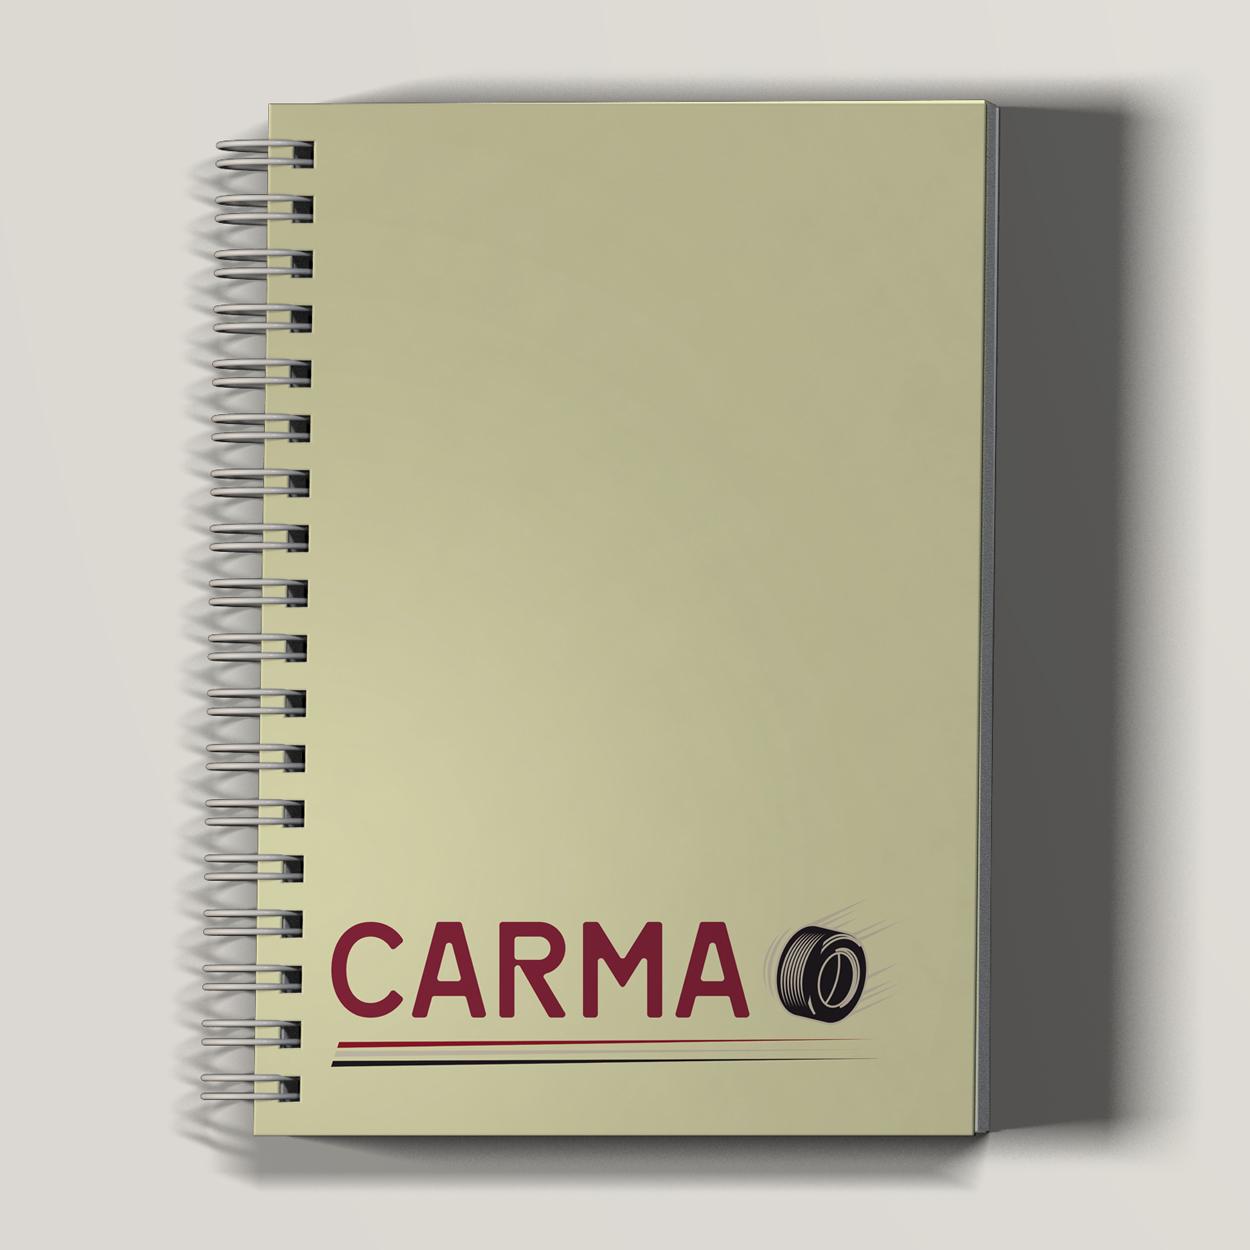 Carma 2